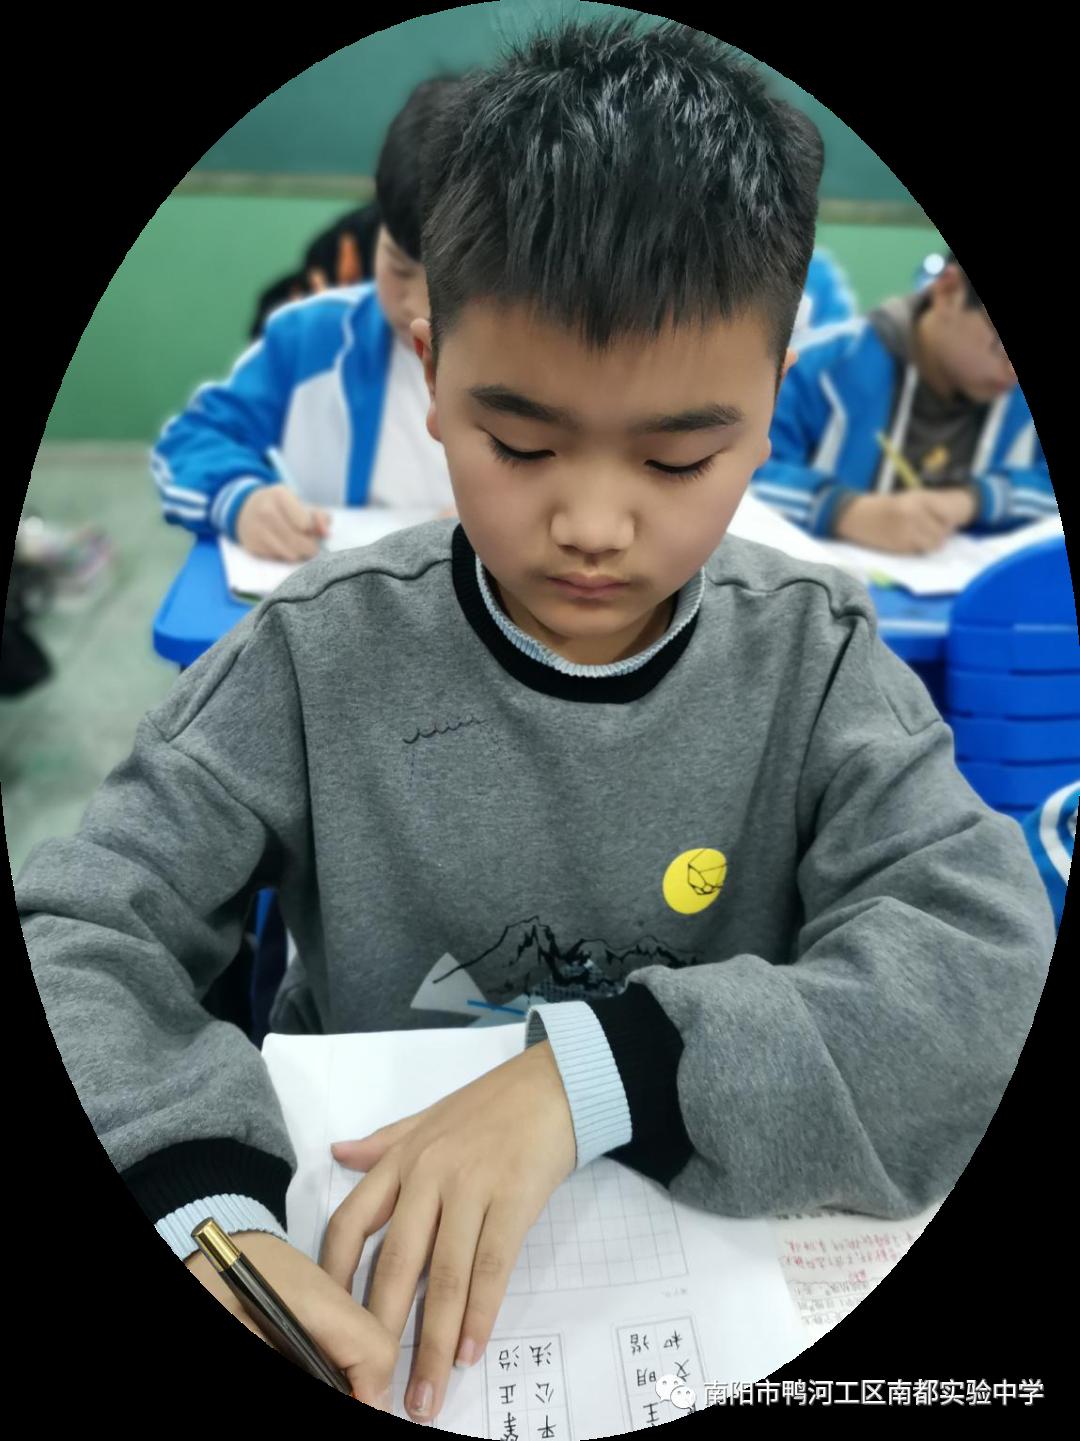 高考中考字迹直接影响成绩 南都实验中学举办硬笔书法比赛 锻炼学生专注严谨学风